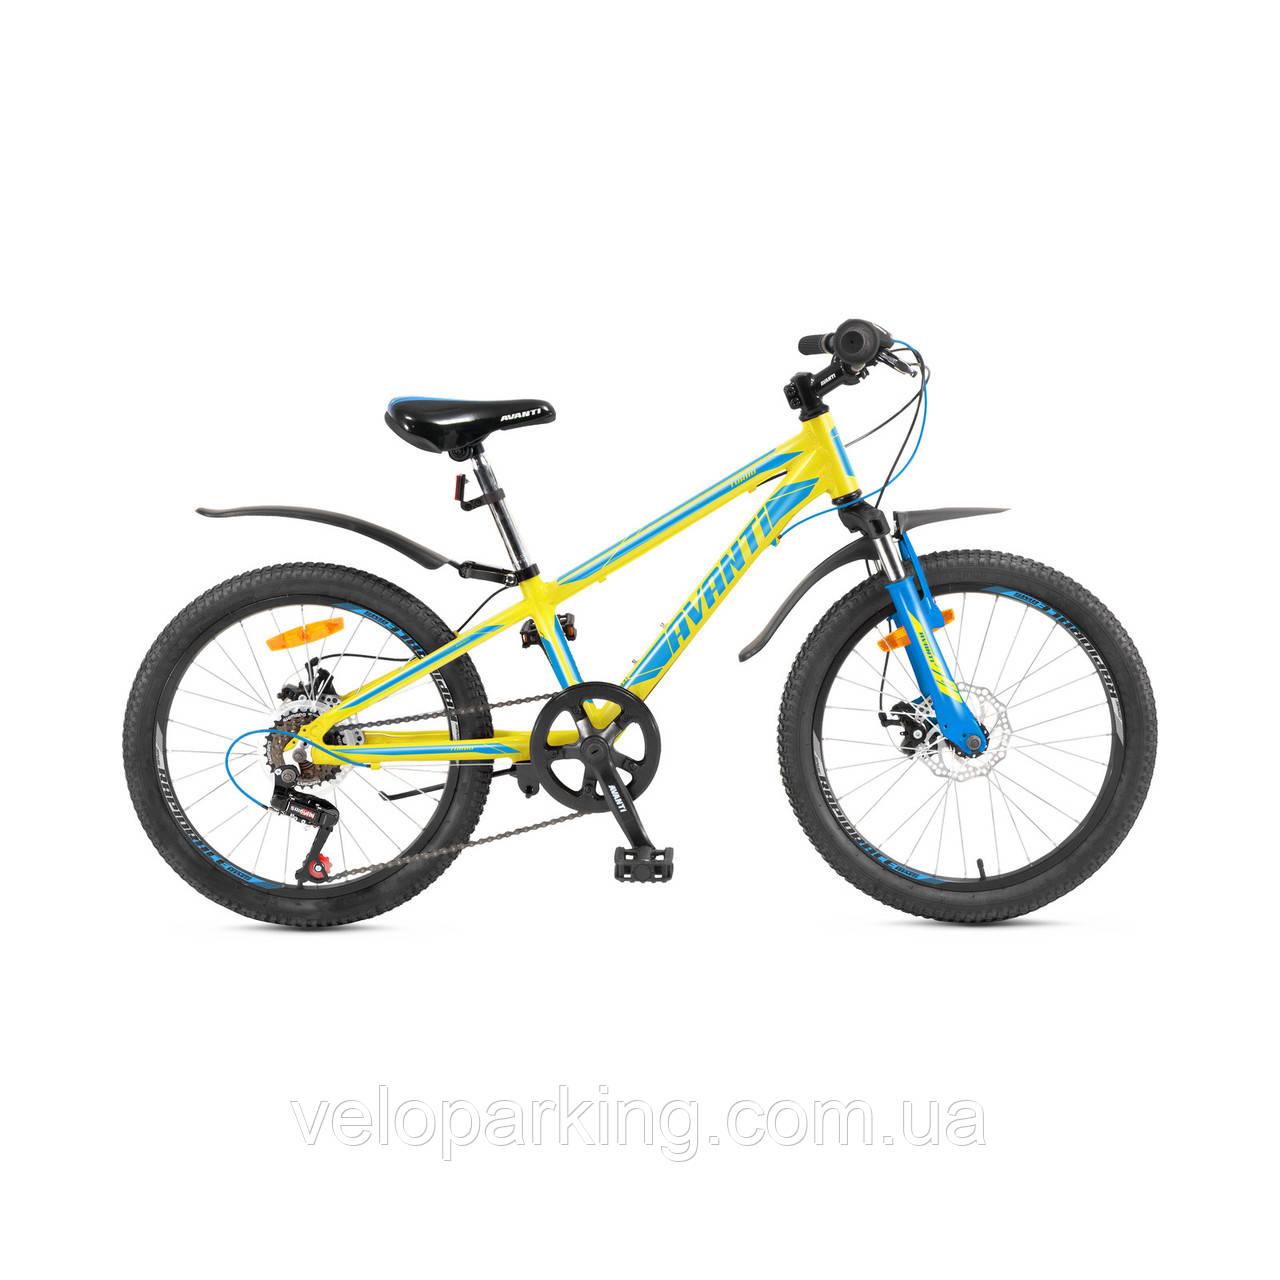 Горный спортивный детский алюминиевый велосипед Avanti Turbo 20 DD (2018) new